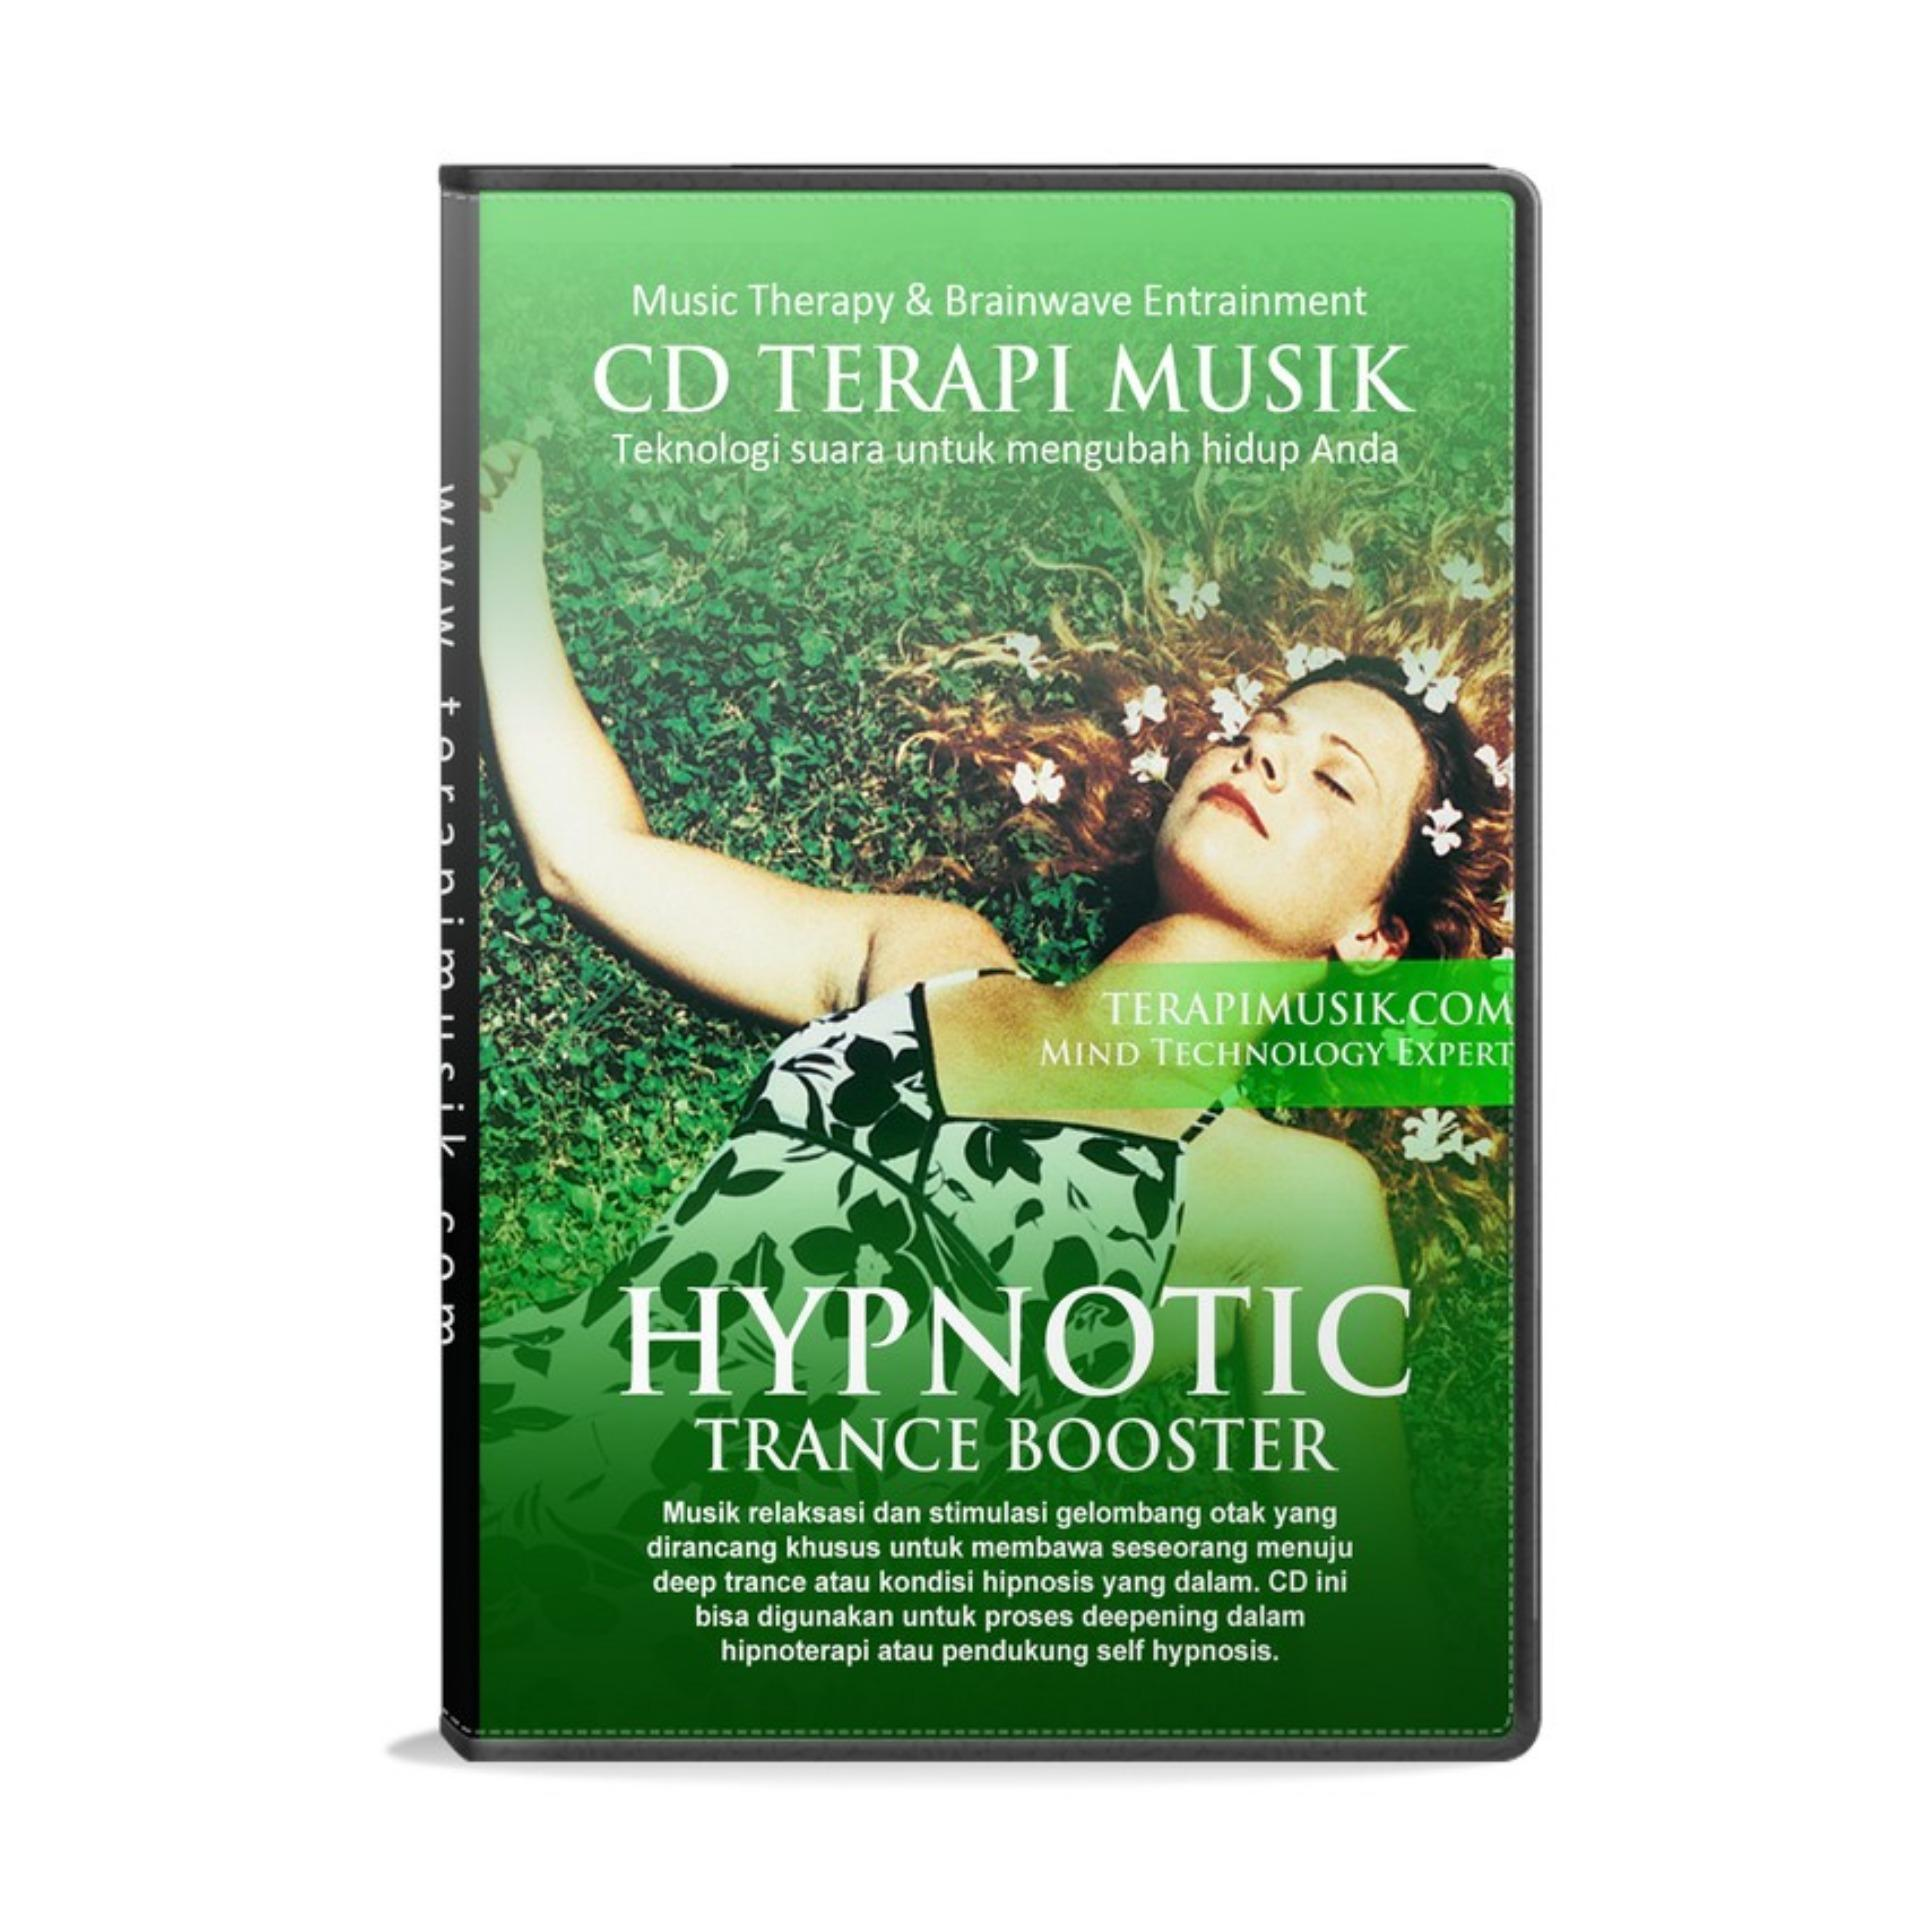 Terapi Musik Hypnotic Trance Booster (memperdalam Kondisi Trance) By Terapi Musik.